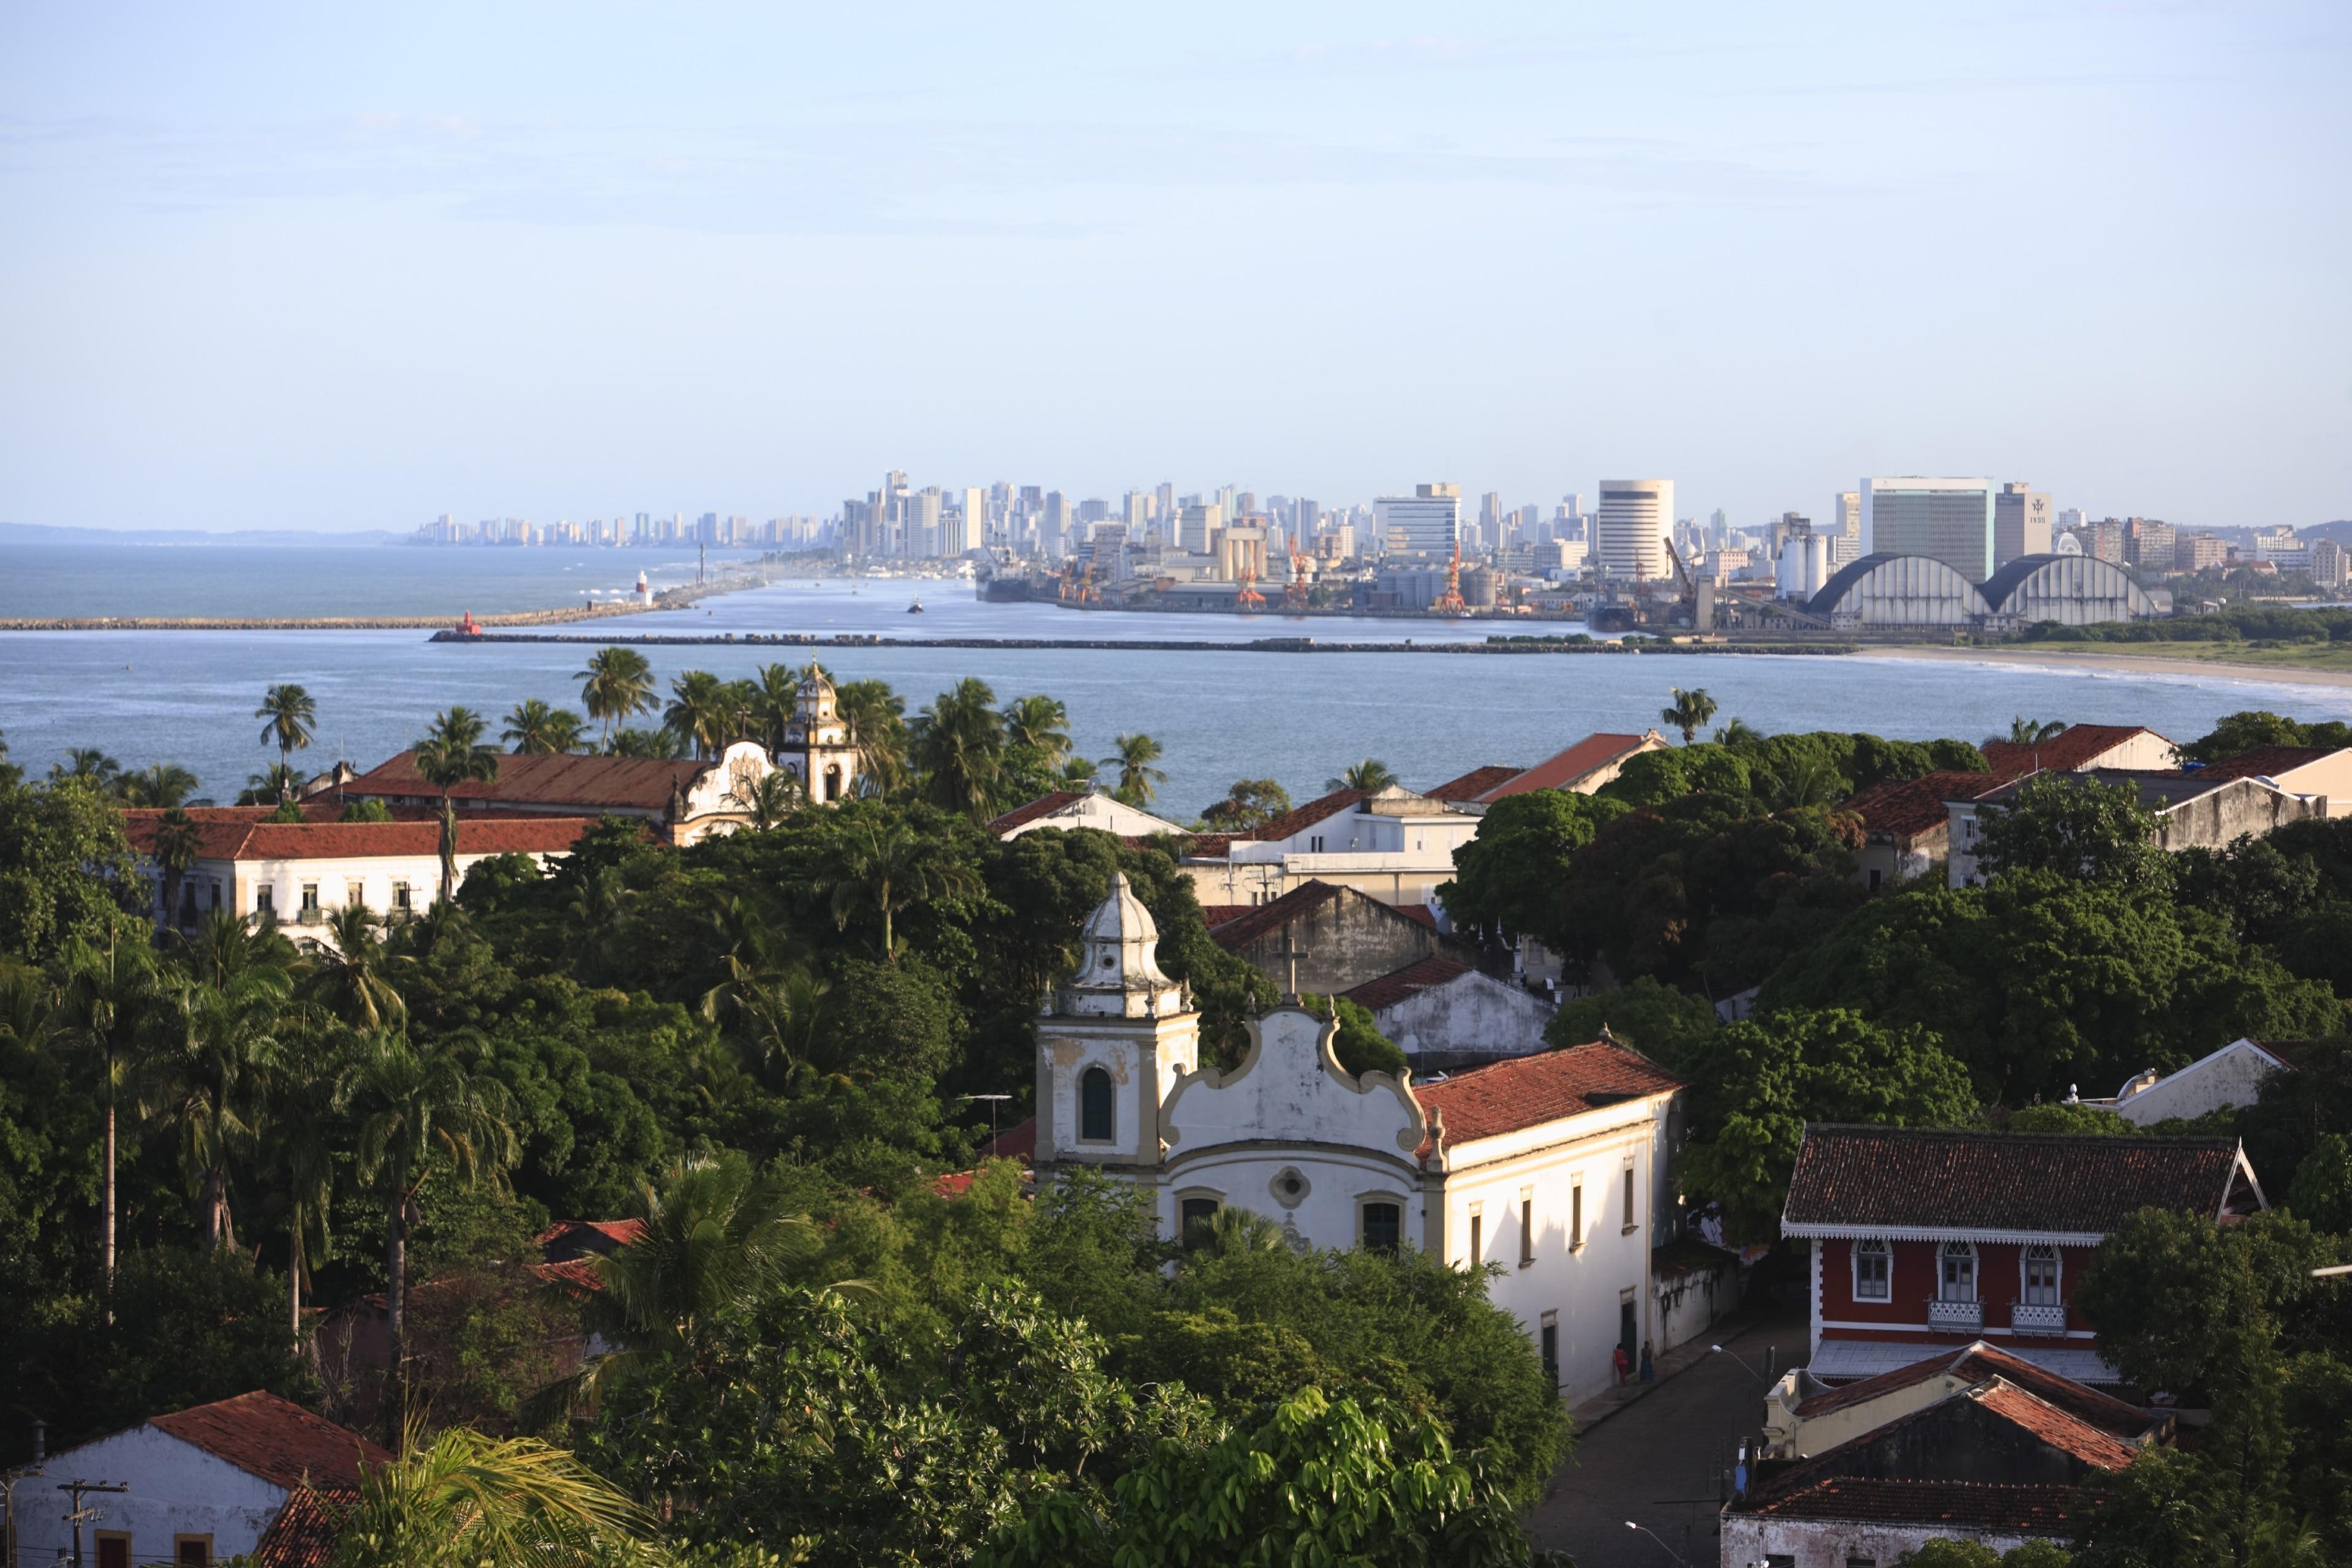 Museu do Estado de Pernambuco (Lokalhistorisches Museum), Recife, Bundesstaat Pernambuco, Brasilien